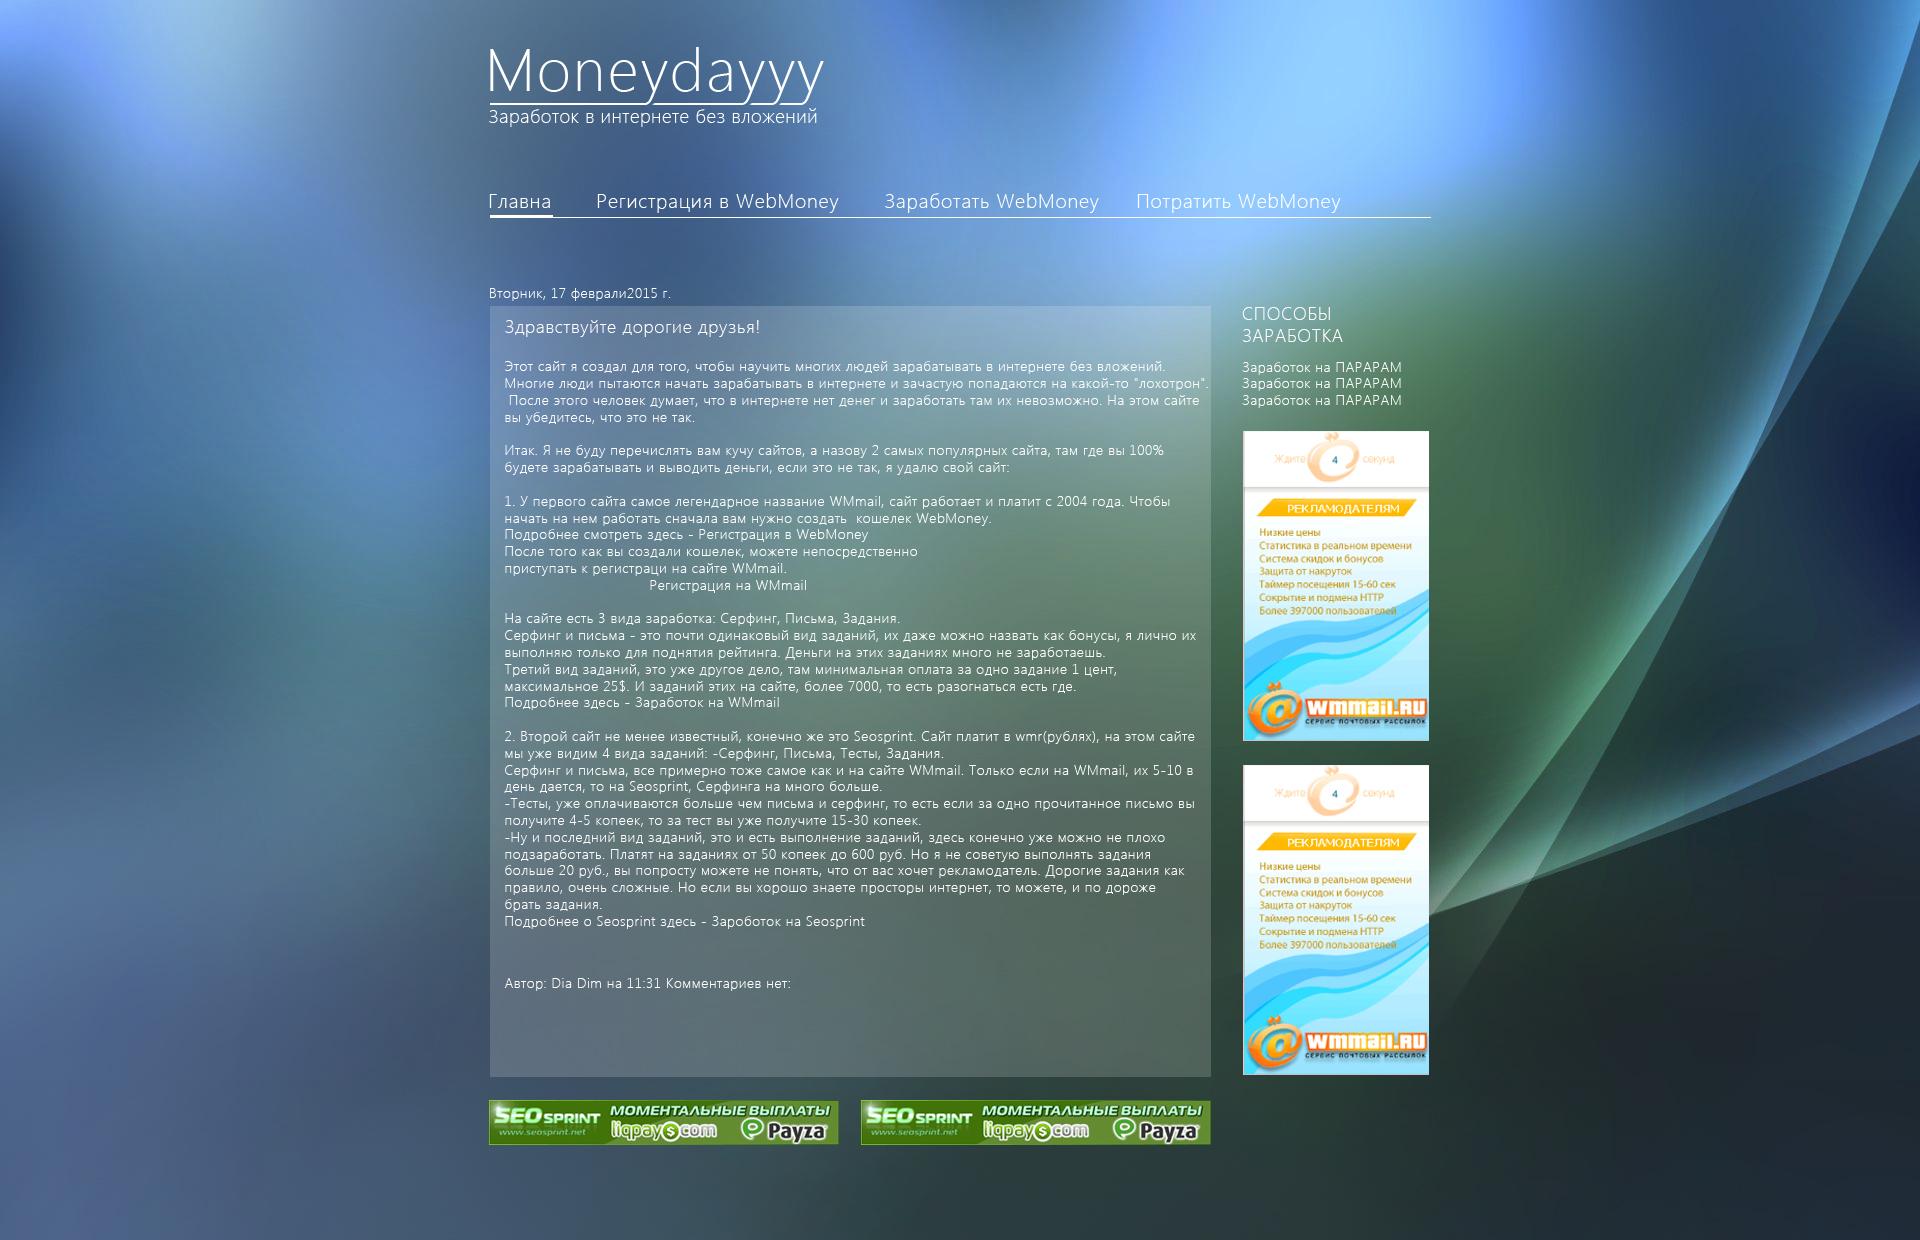 Moneyday